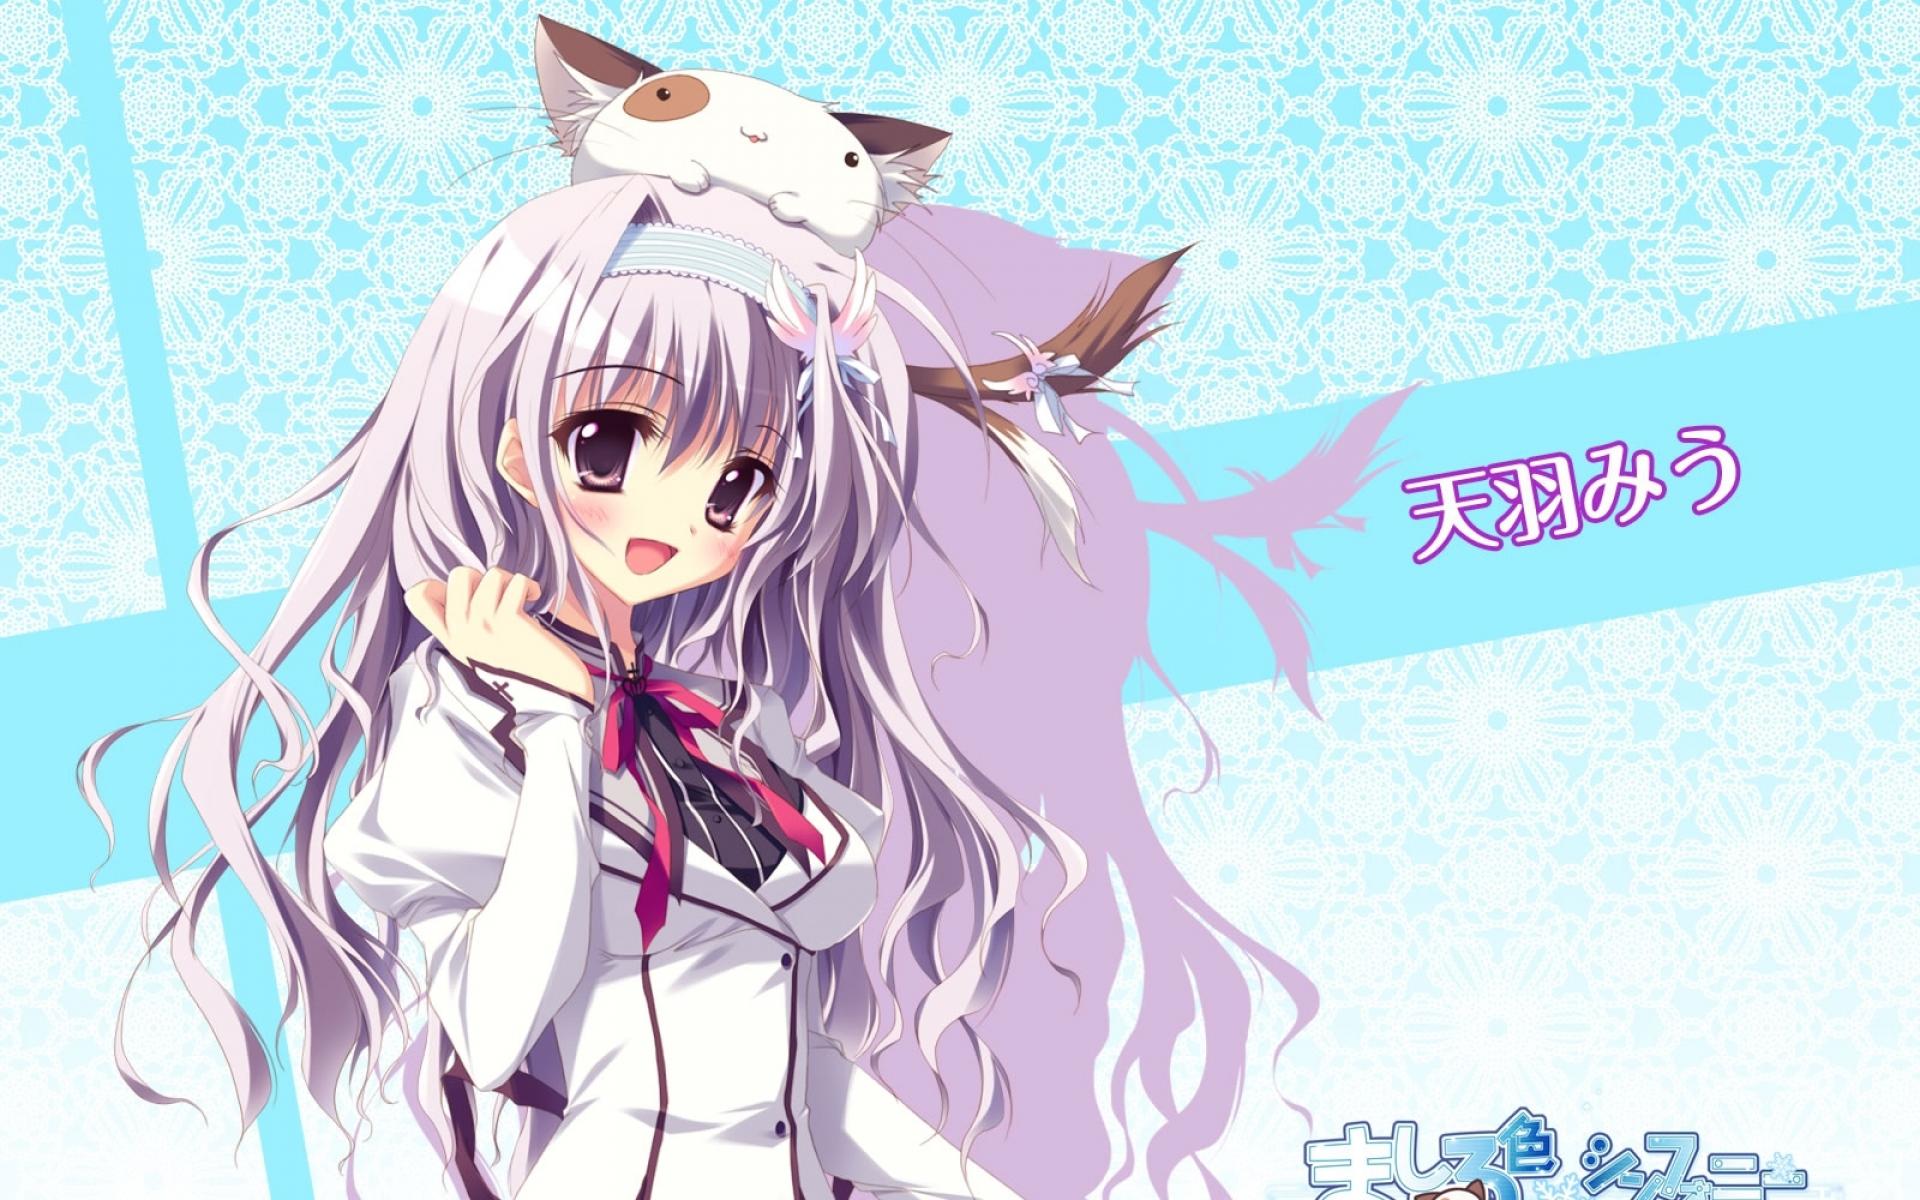 Картинки Симфония mashiroiro, amaha miu, девушка, радость, тень фото и обои на рабочий стол